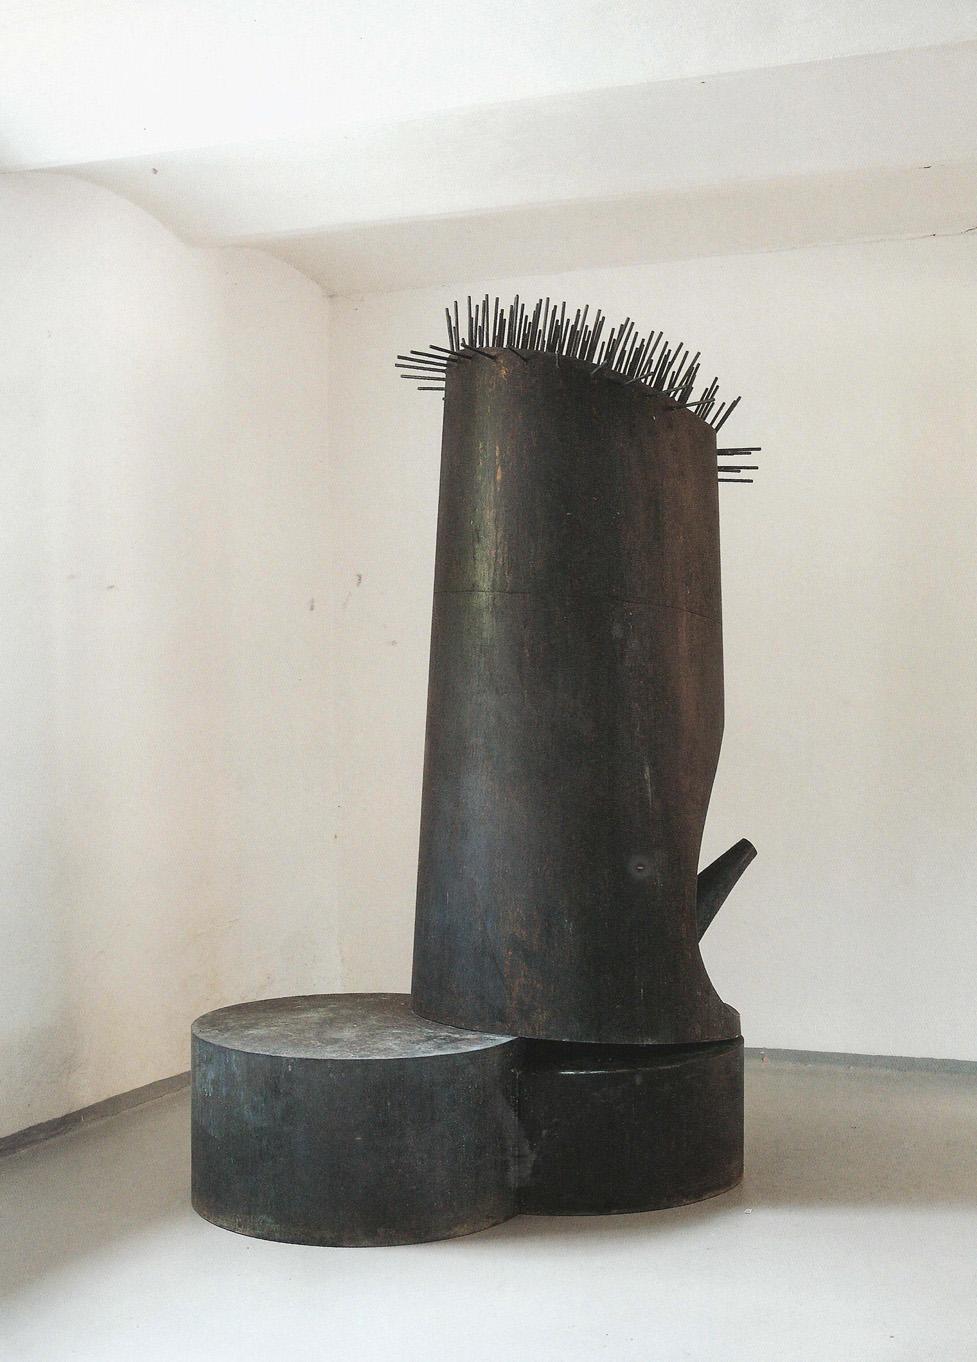 Tegtmeier - Quit, 2007